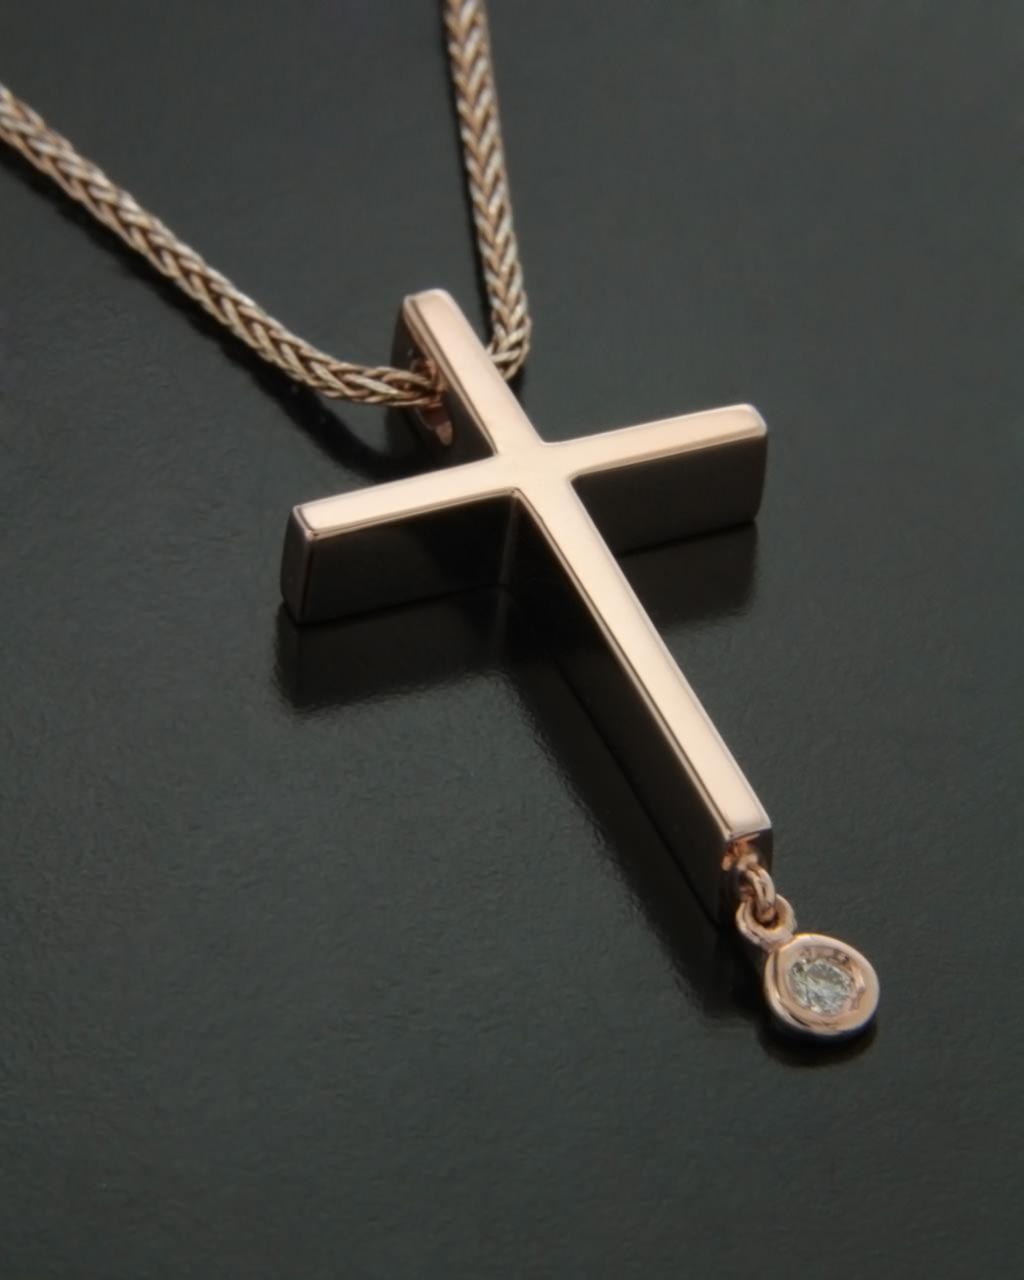 Σταυρός ροζ χρυσός Κ14 με Διαμάντια   νεεσ αφιξεισ κοσμήματα γυναικεία